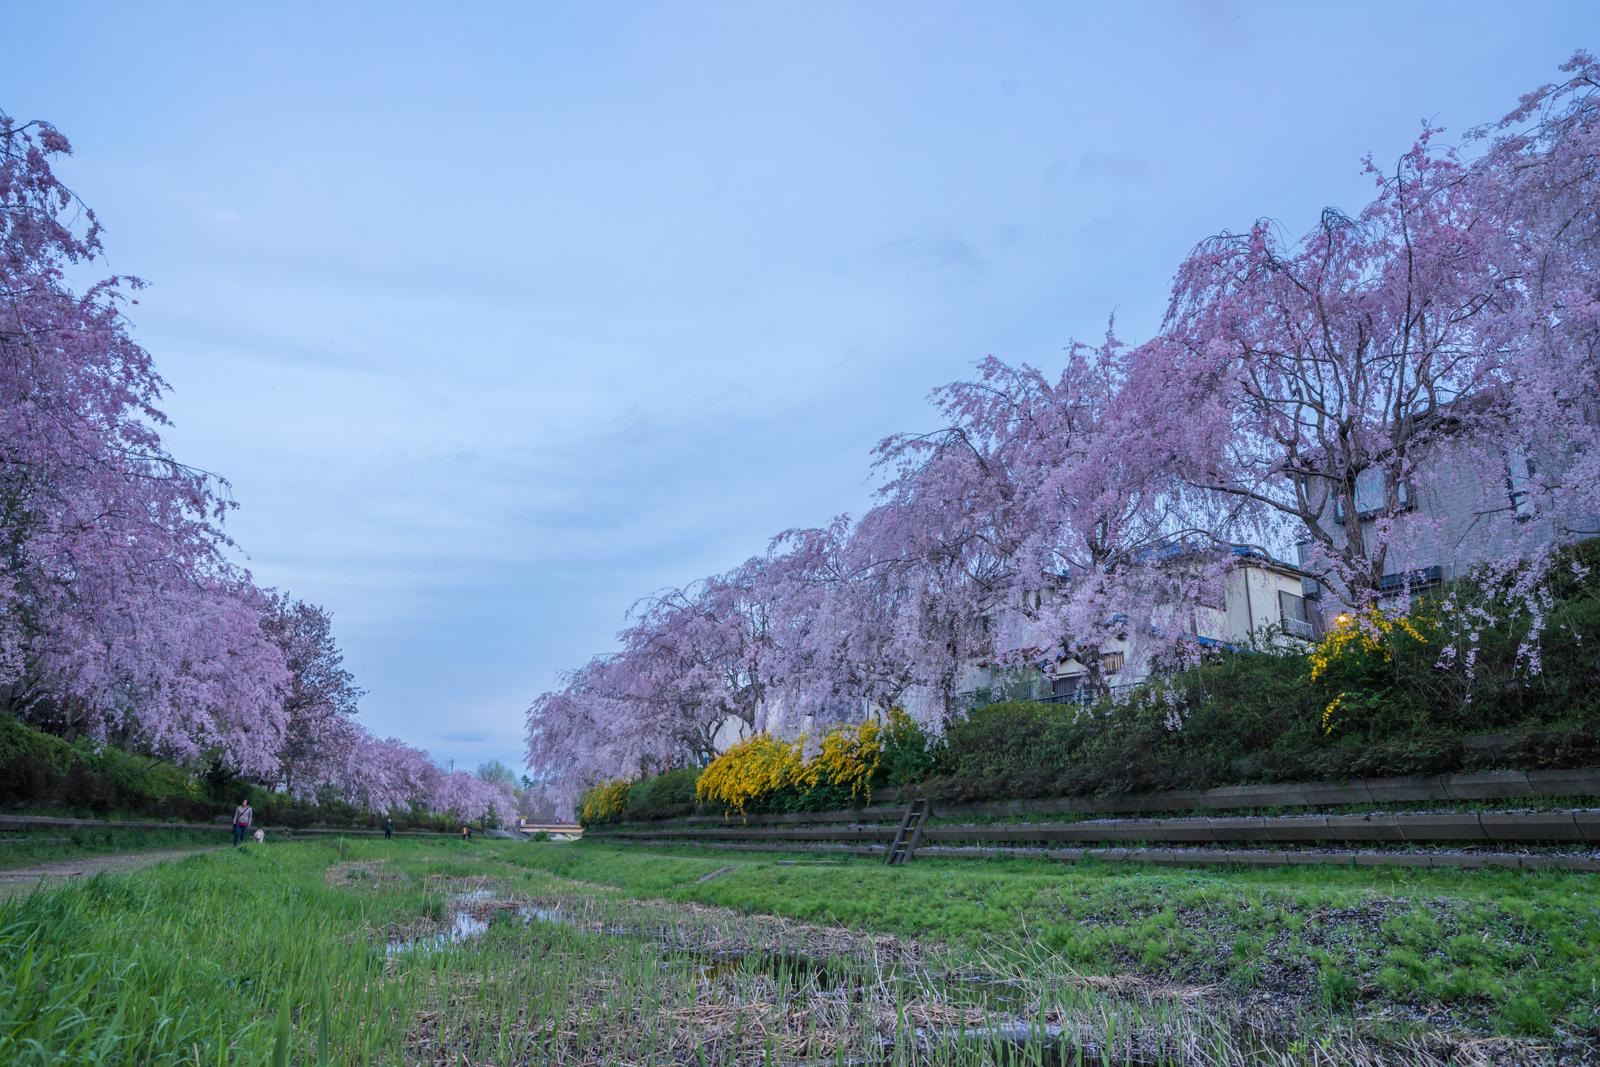 小金井市野川沿いの桜の写真